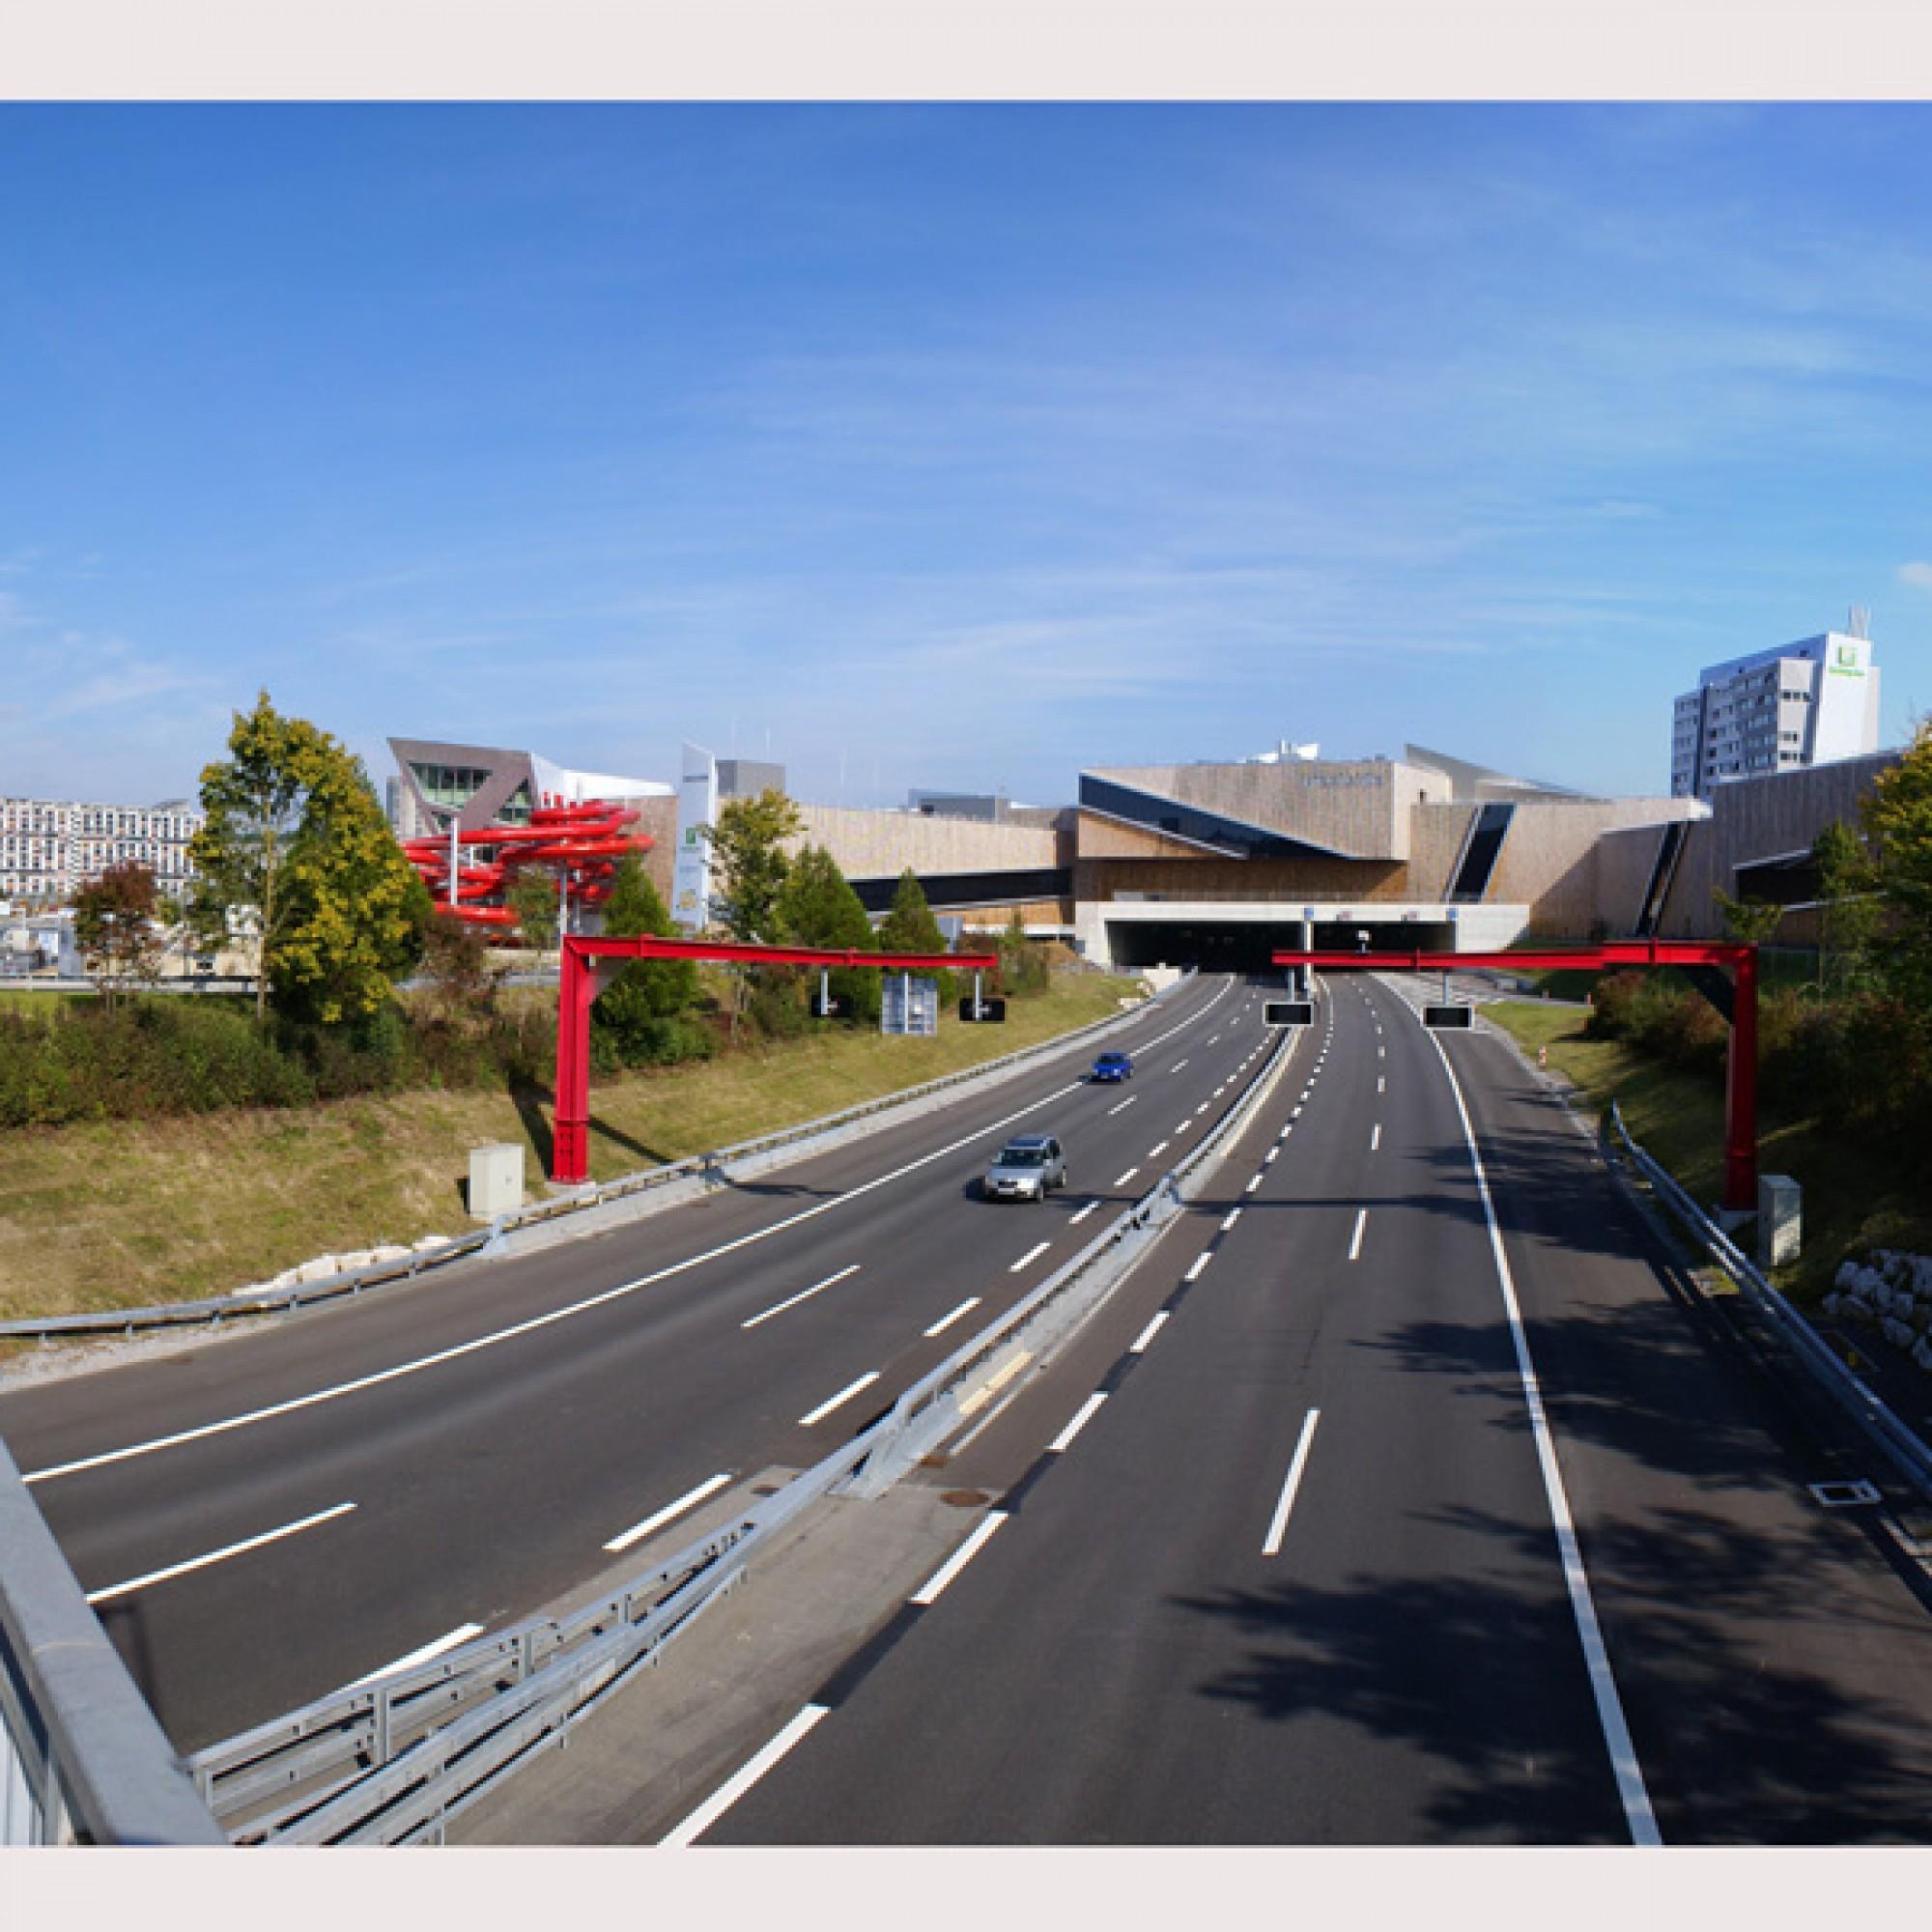 Freizeit- und Einkaufszentrum Westside in Brünnen BE, Minergiebau, Symbolbild (wikimedia.org, Sandstein, CC)